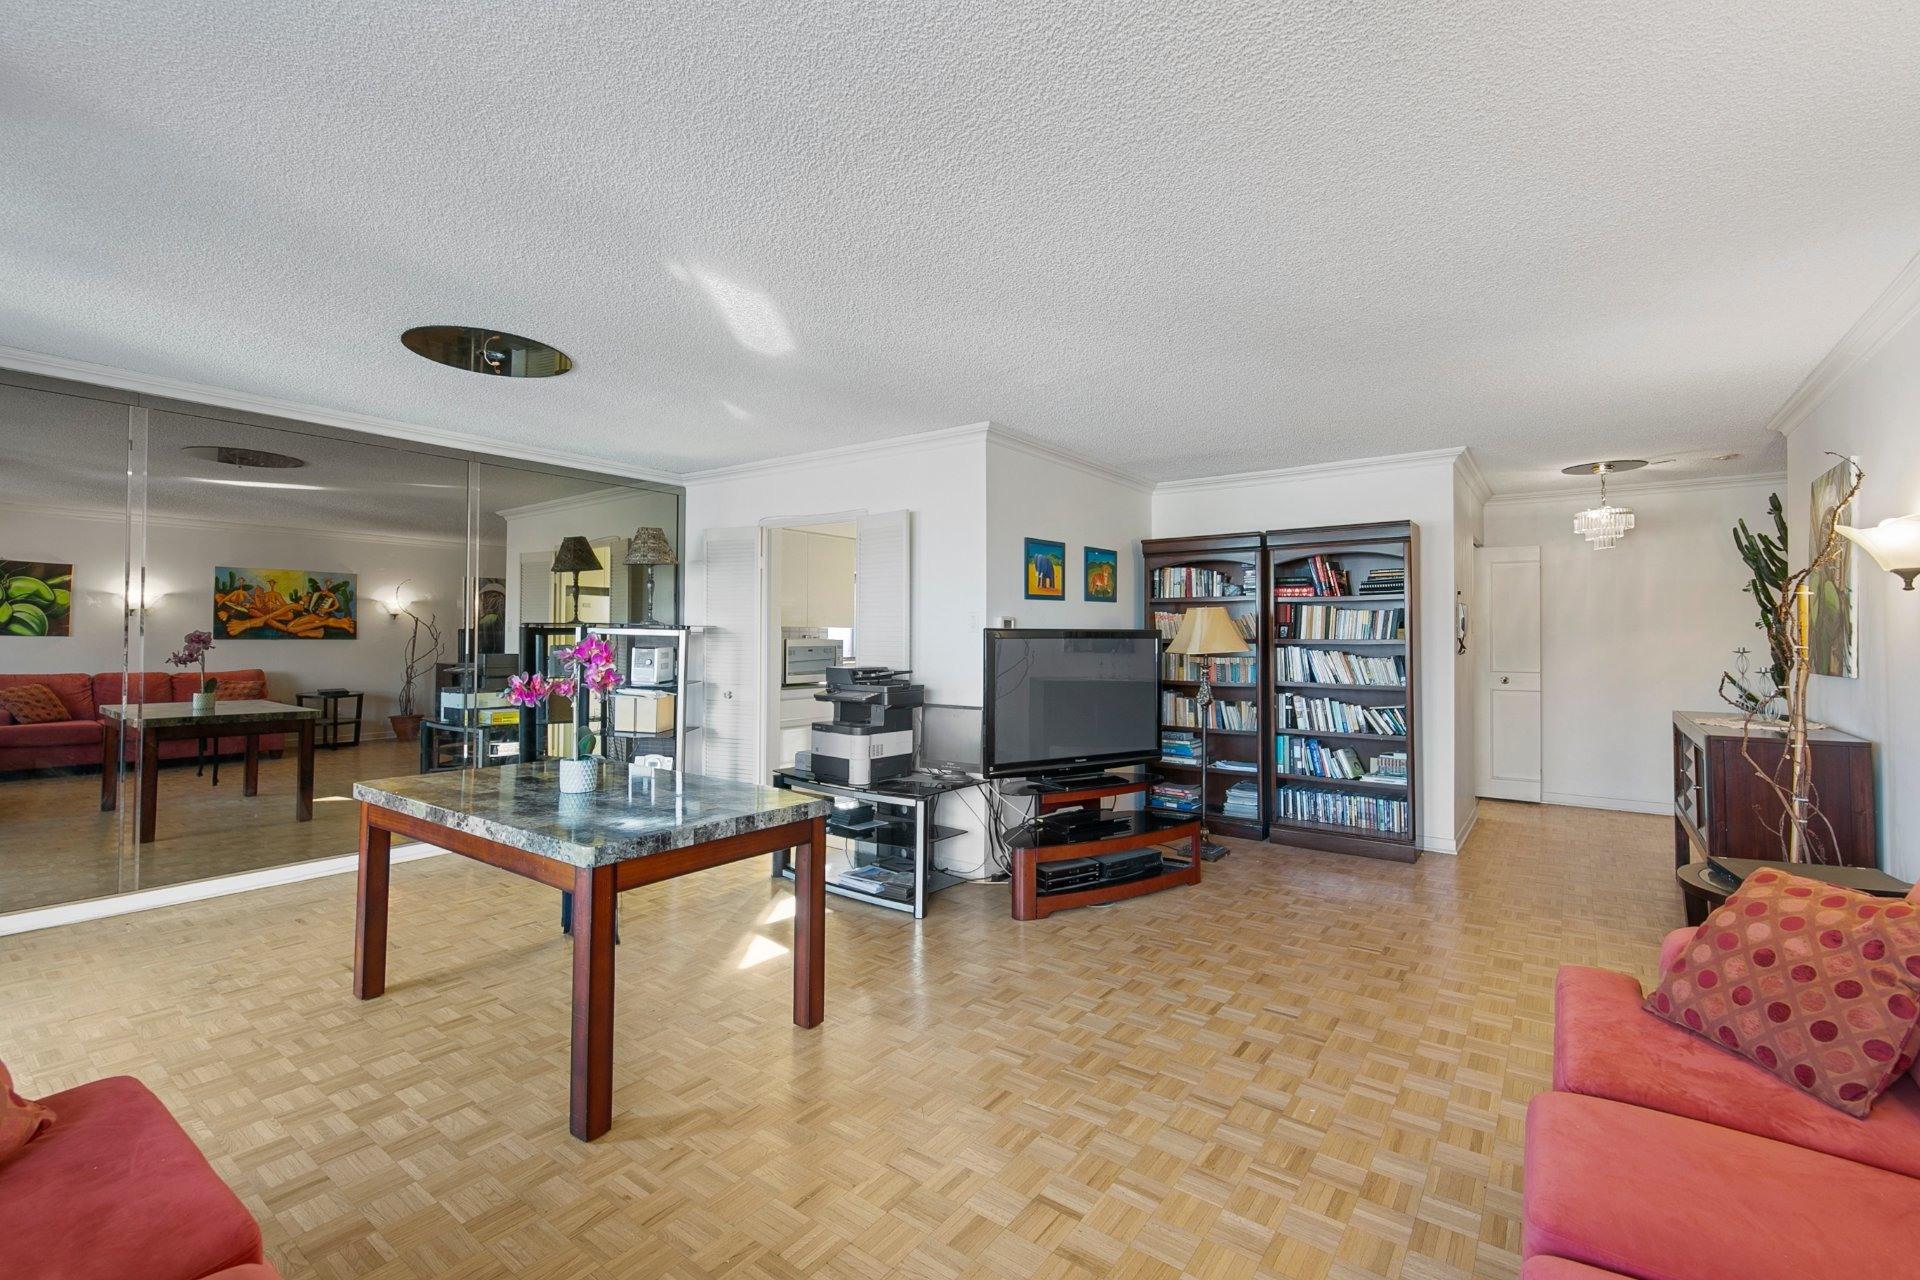 image 2 - Apartment For sale Côte-Saint-Luc - 5 rooms